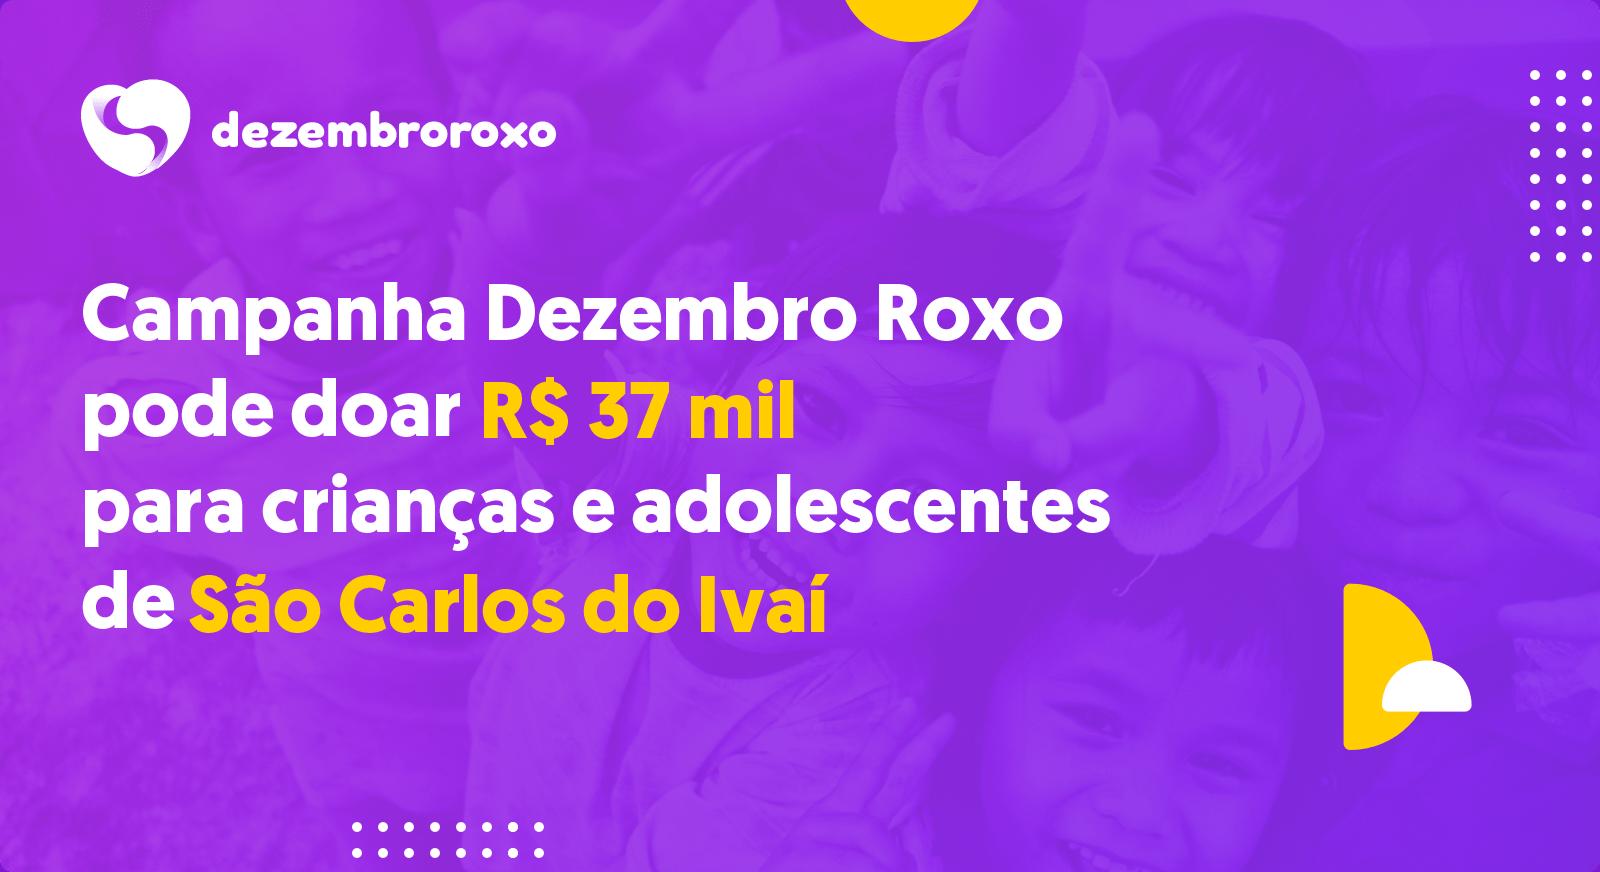 Doações em São Carlos do Ivaí - PR